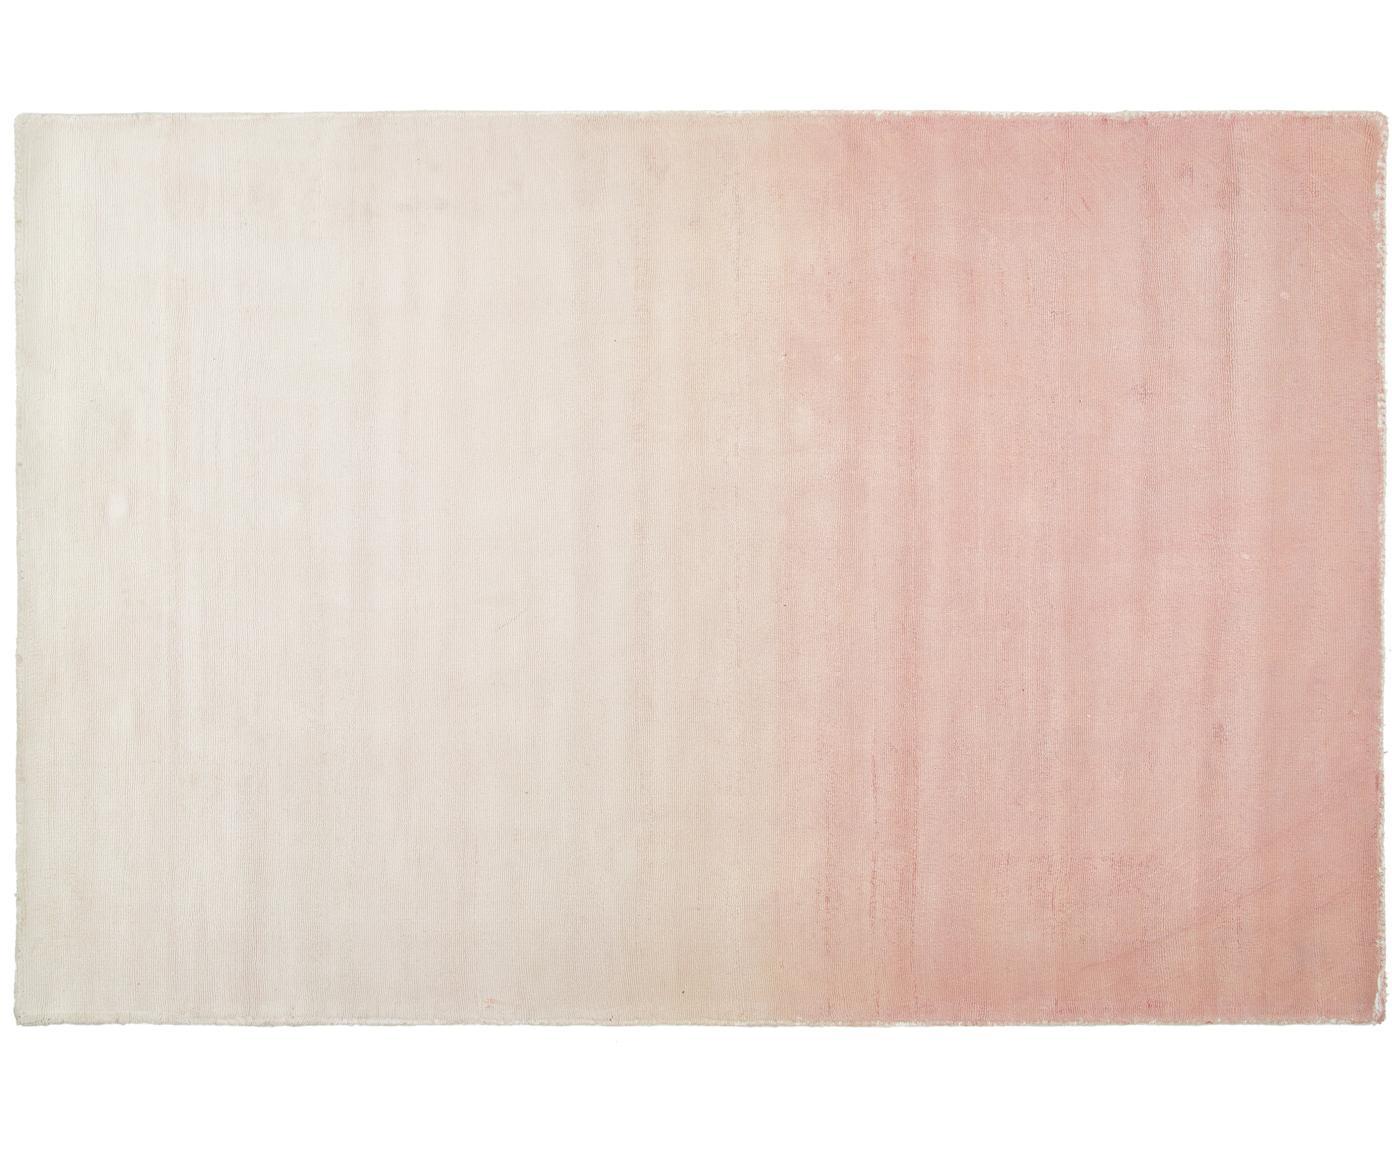 Handgeweven viscose vloerkleed Alana met kleurverloop, Viscose, Roze, beige, B 120 x L 180 cm (maat S)